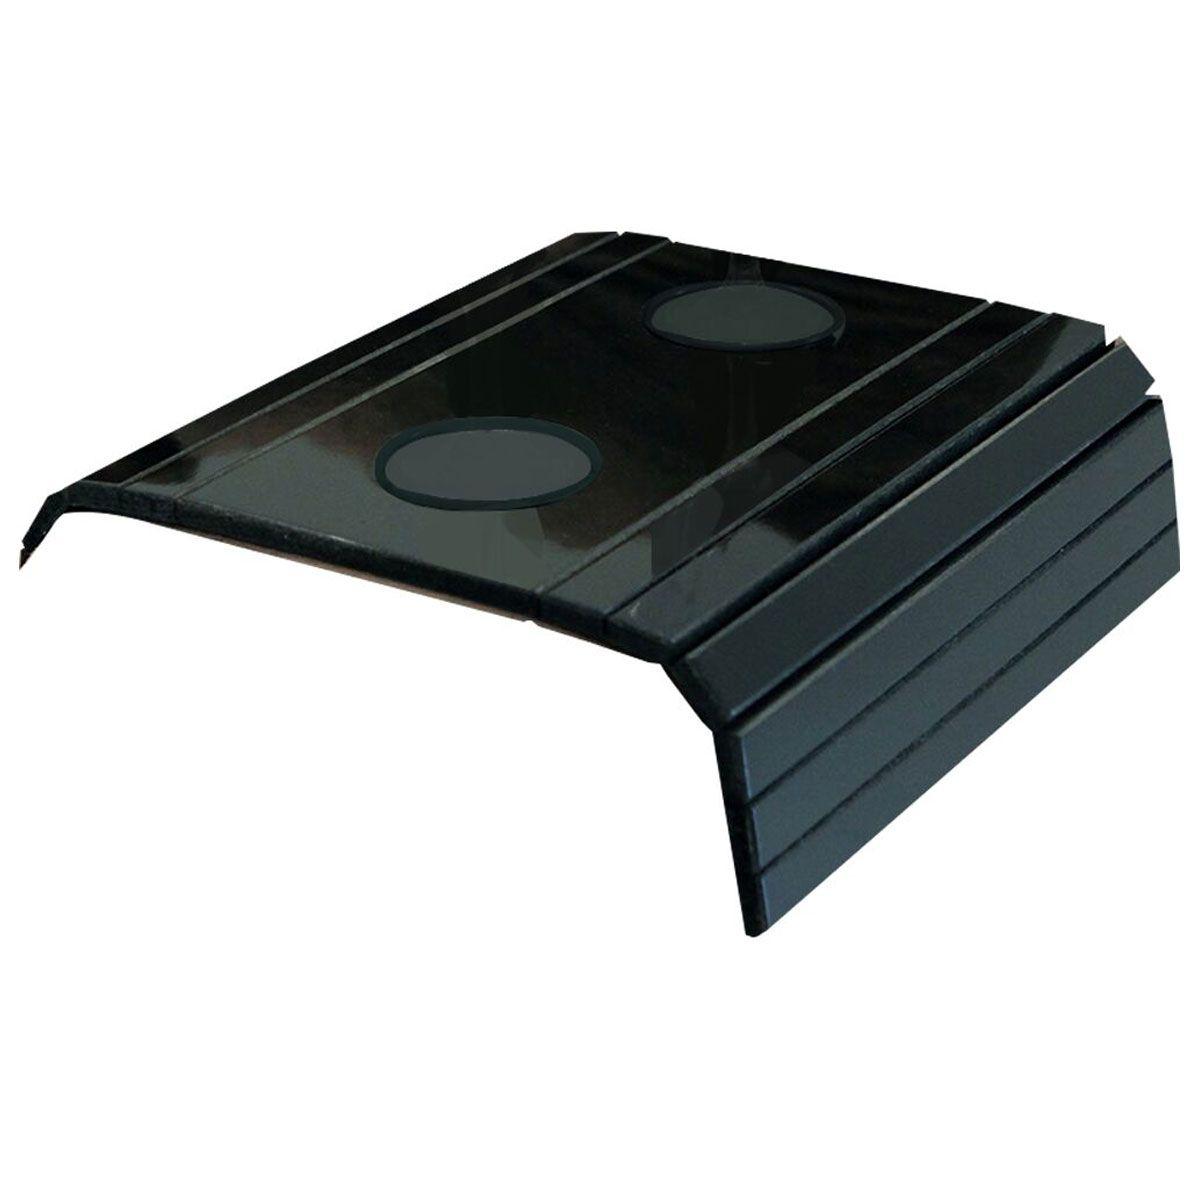 Esteira para Sofá Com Porta Copo Preto Brilho 100% MDF